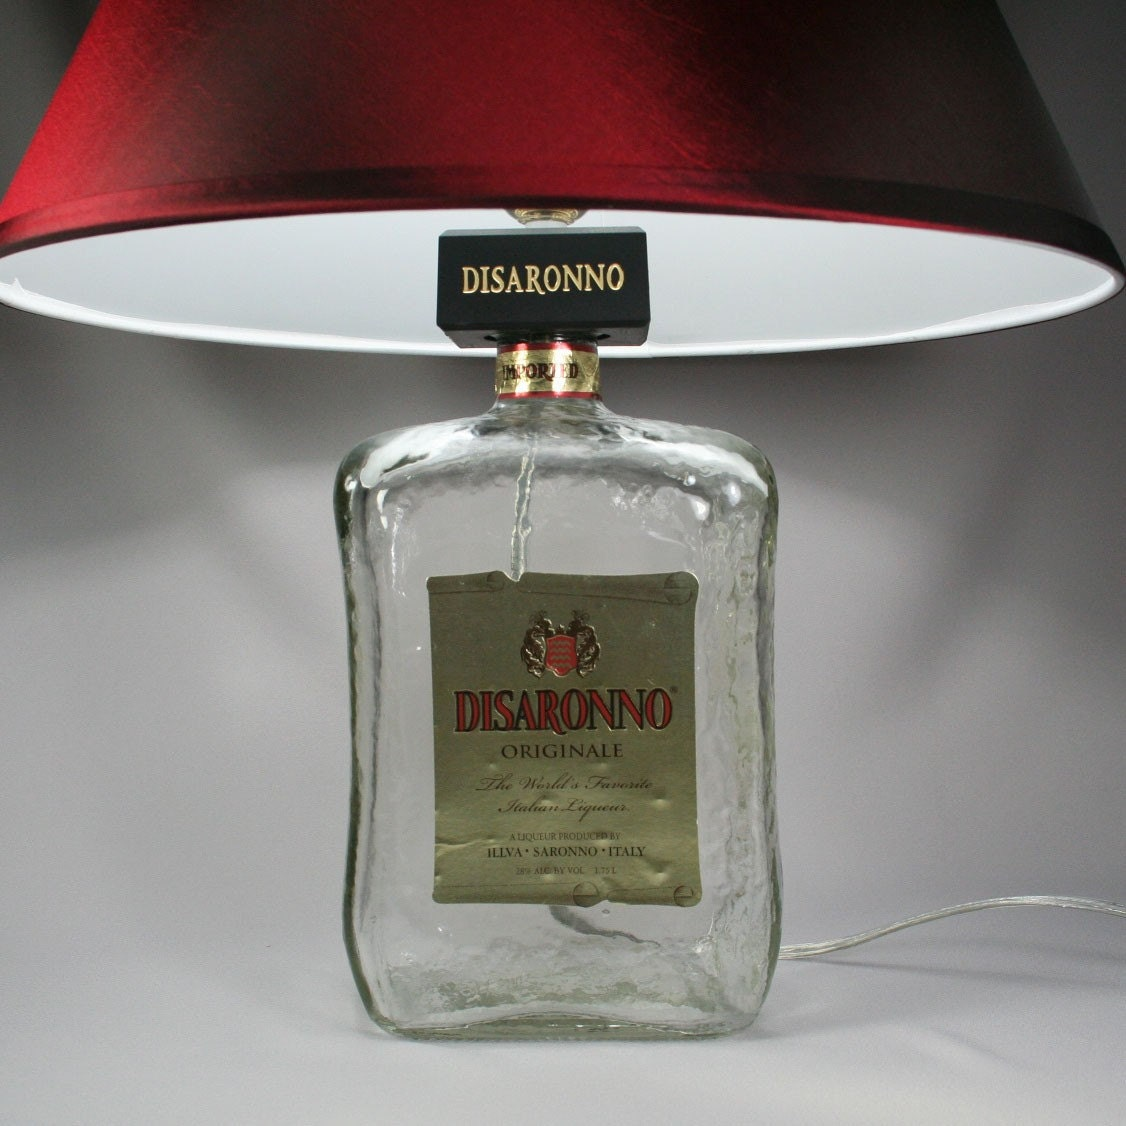 Disaronno Amaretto Liqueur Lamp Large 1 75 Ltr Bottle